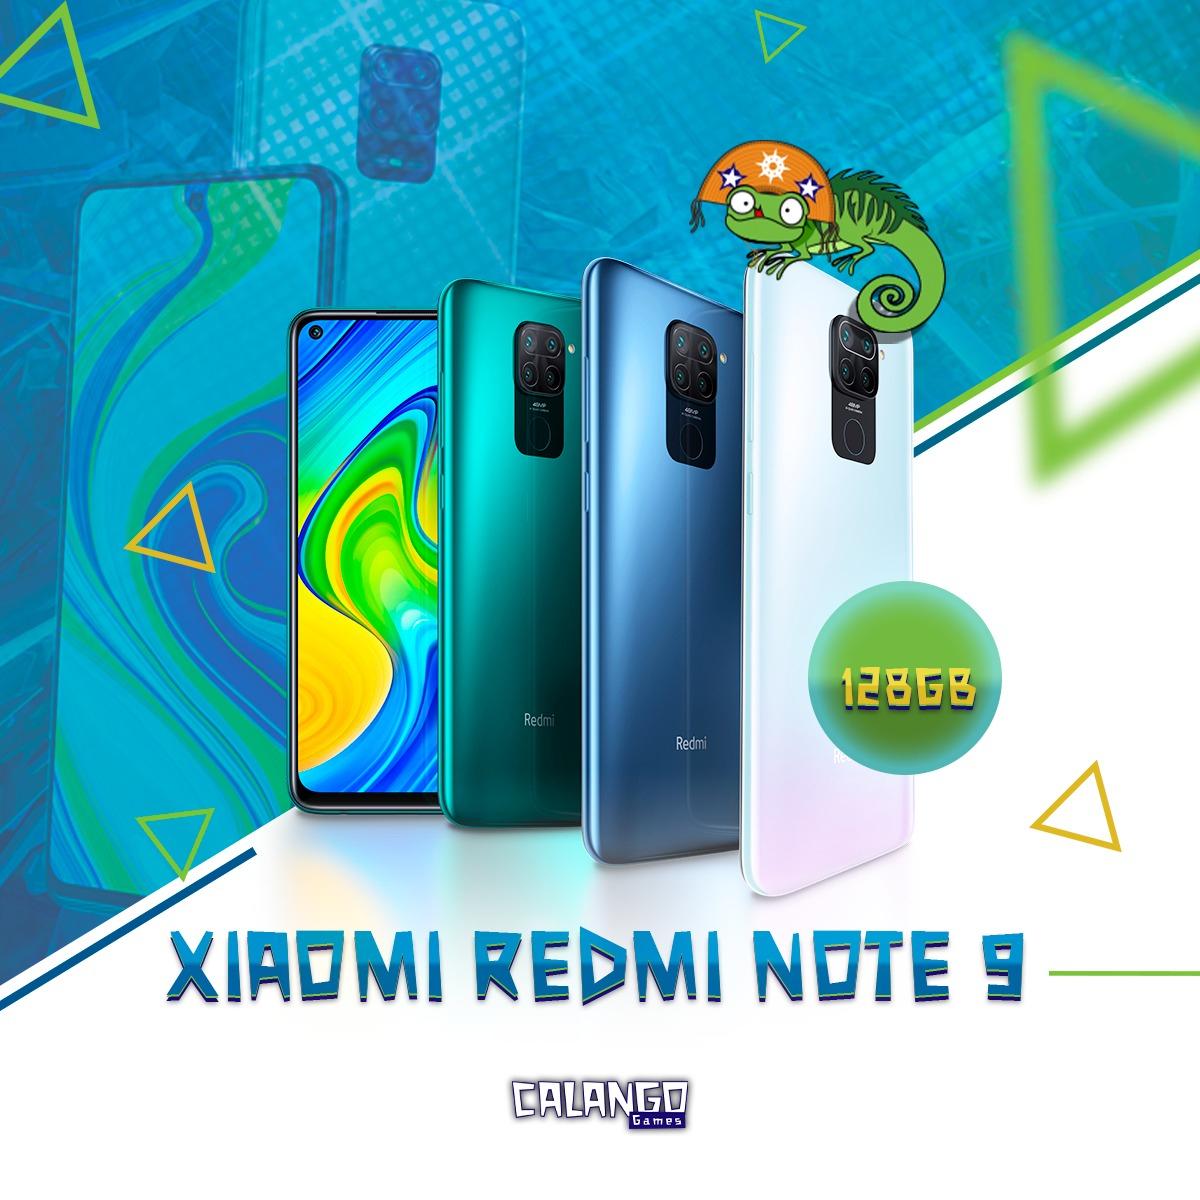 Fala seus azilado!  Já passou metade do ano e tu ainda tá com esse teu celular da década passada, né?  Pois dá uma olhadinha aqui  .  • Redmi Note 9 128gb - 10x R$194,99. #NoPreço   #ilovexiaomi #android #smartphone #xiaomi #redmi #mia3 #redmi8 #redmi9s #redminote9 #note9pic.twitter.com/ozKhaSZtjX